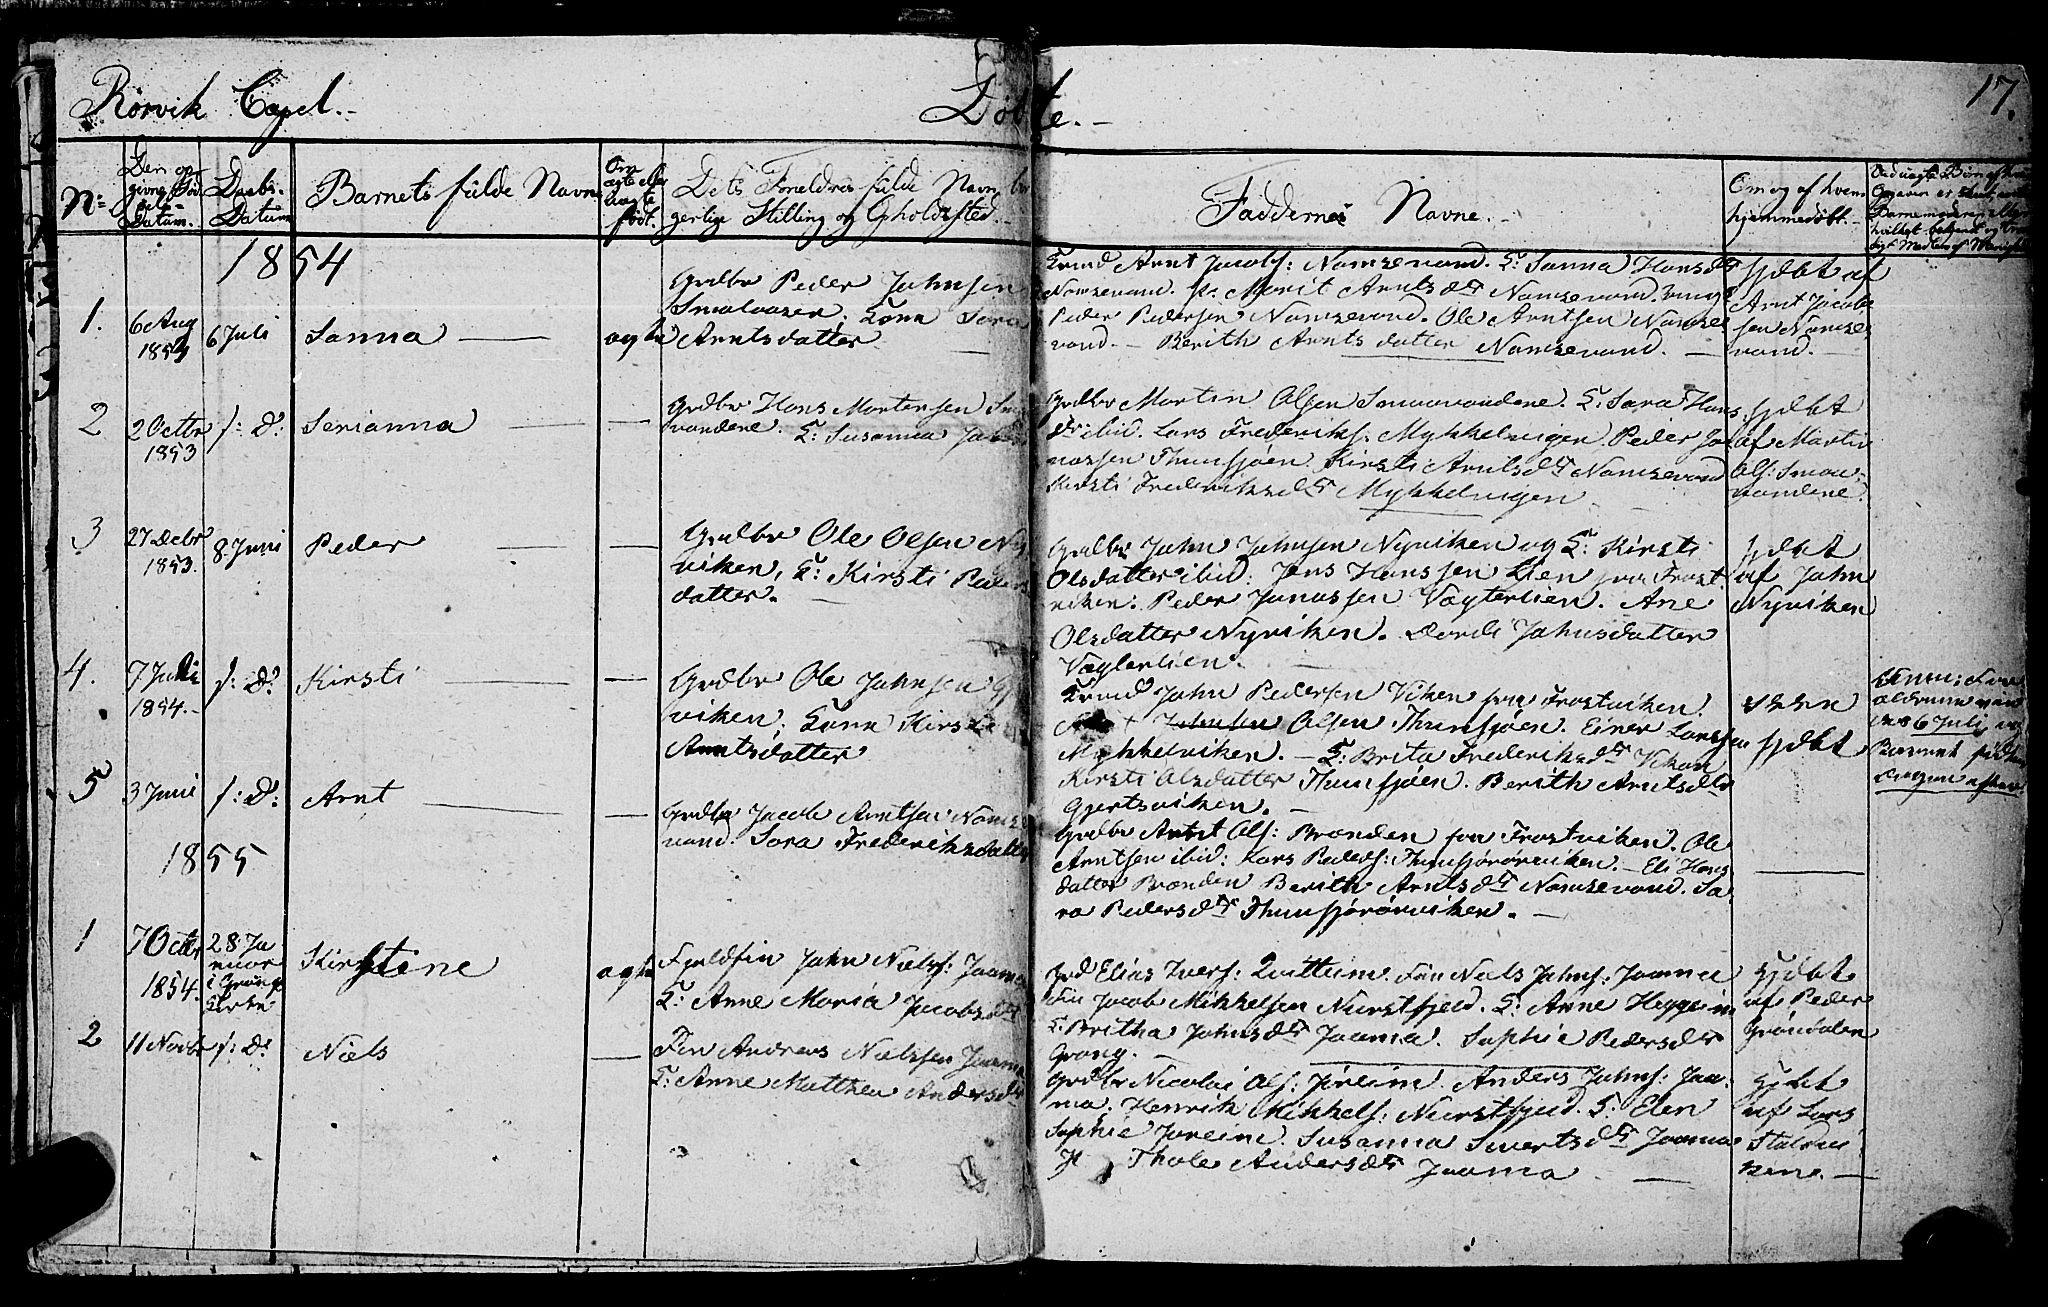 SAT, Ministerialprotokoller, klokkerbøker og fødselsregistre - Nord-Trøndelag, 762/L0538: Ministerialbok nr. 762A02 /1, 1833-1879, s. 17